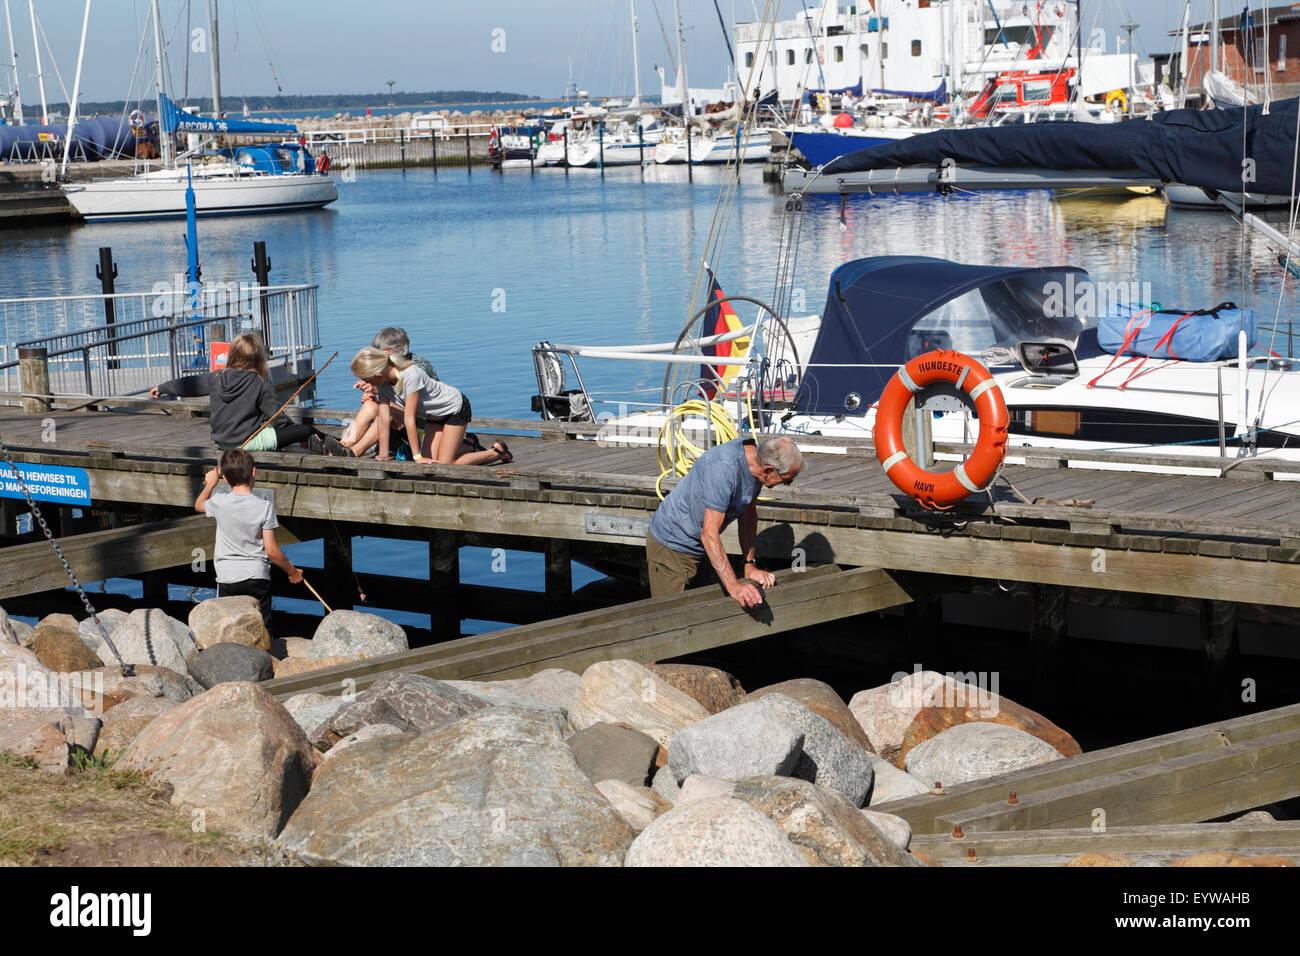 Touristische Familie auf Segeltörn genießen Sie morgen Aktivitäten und gemütliches Ambiente Stockbild